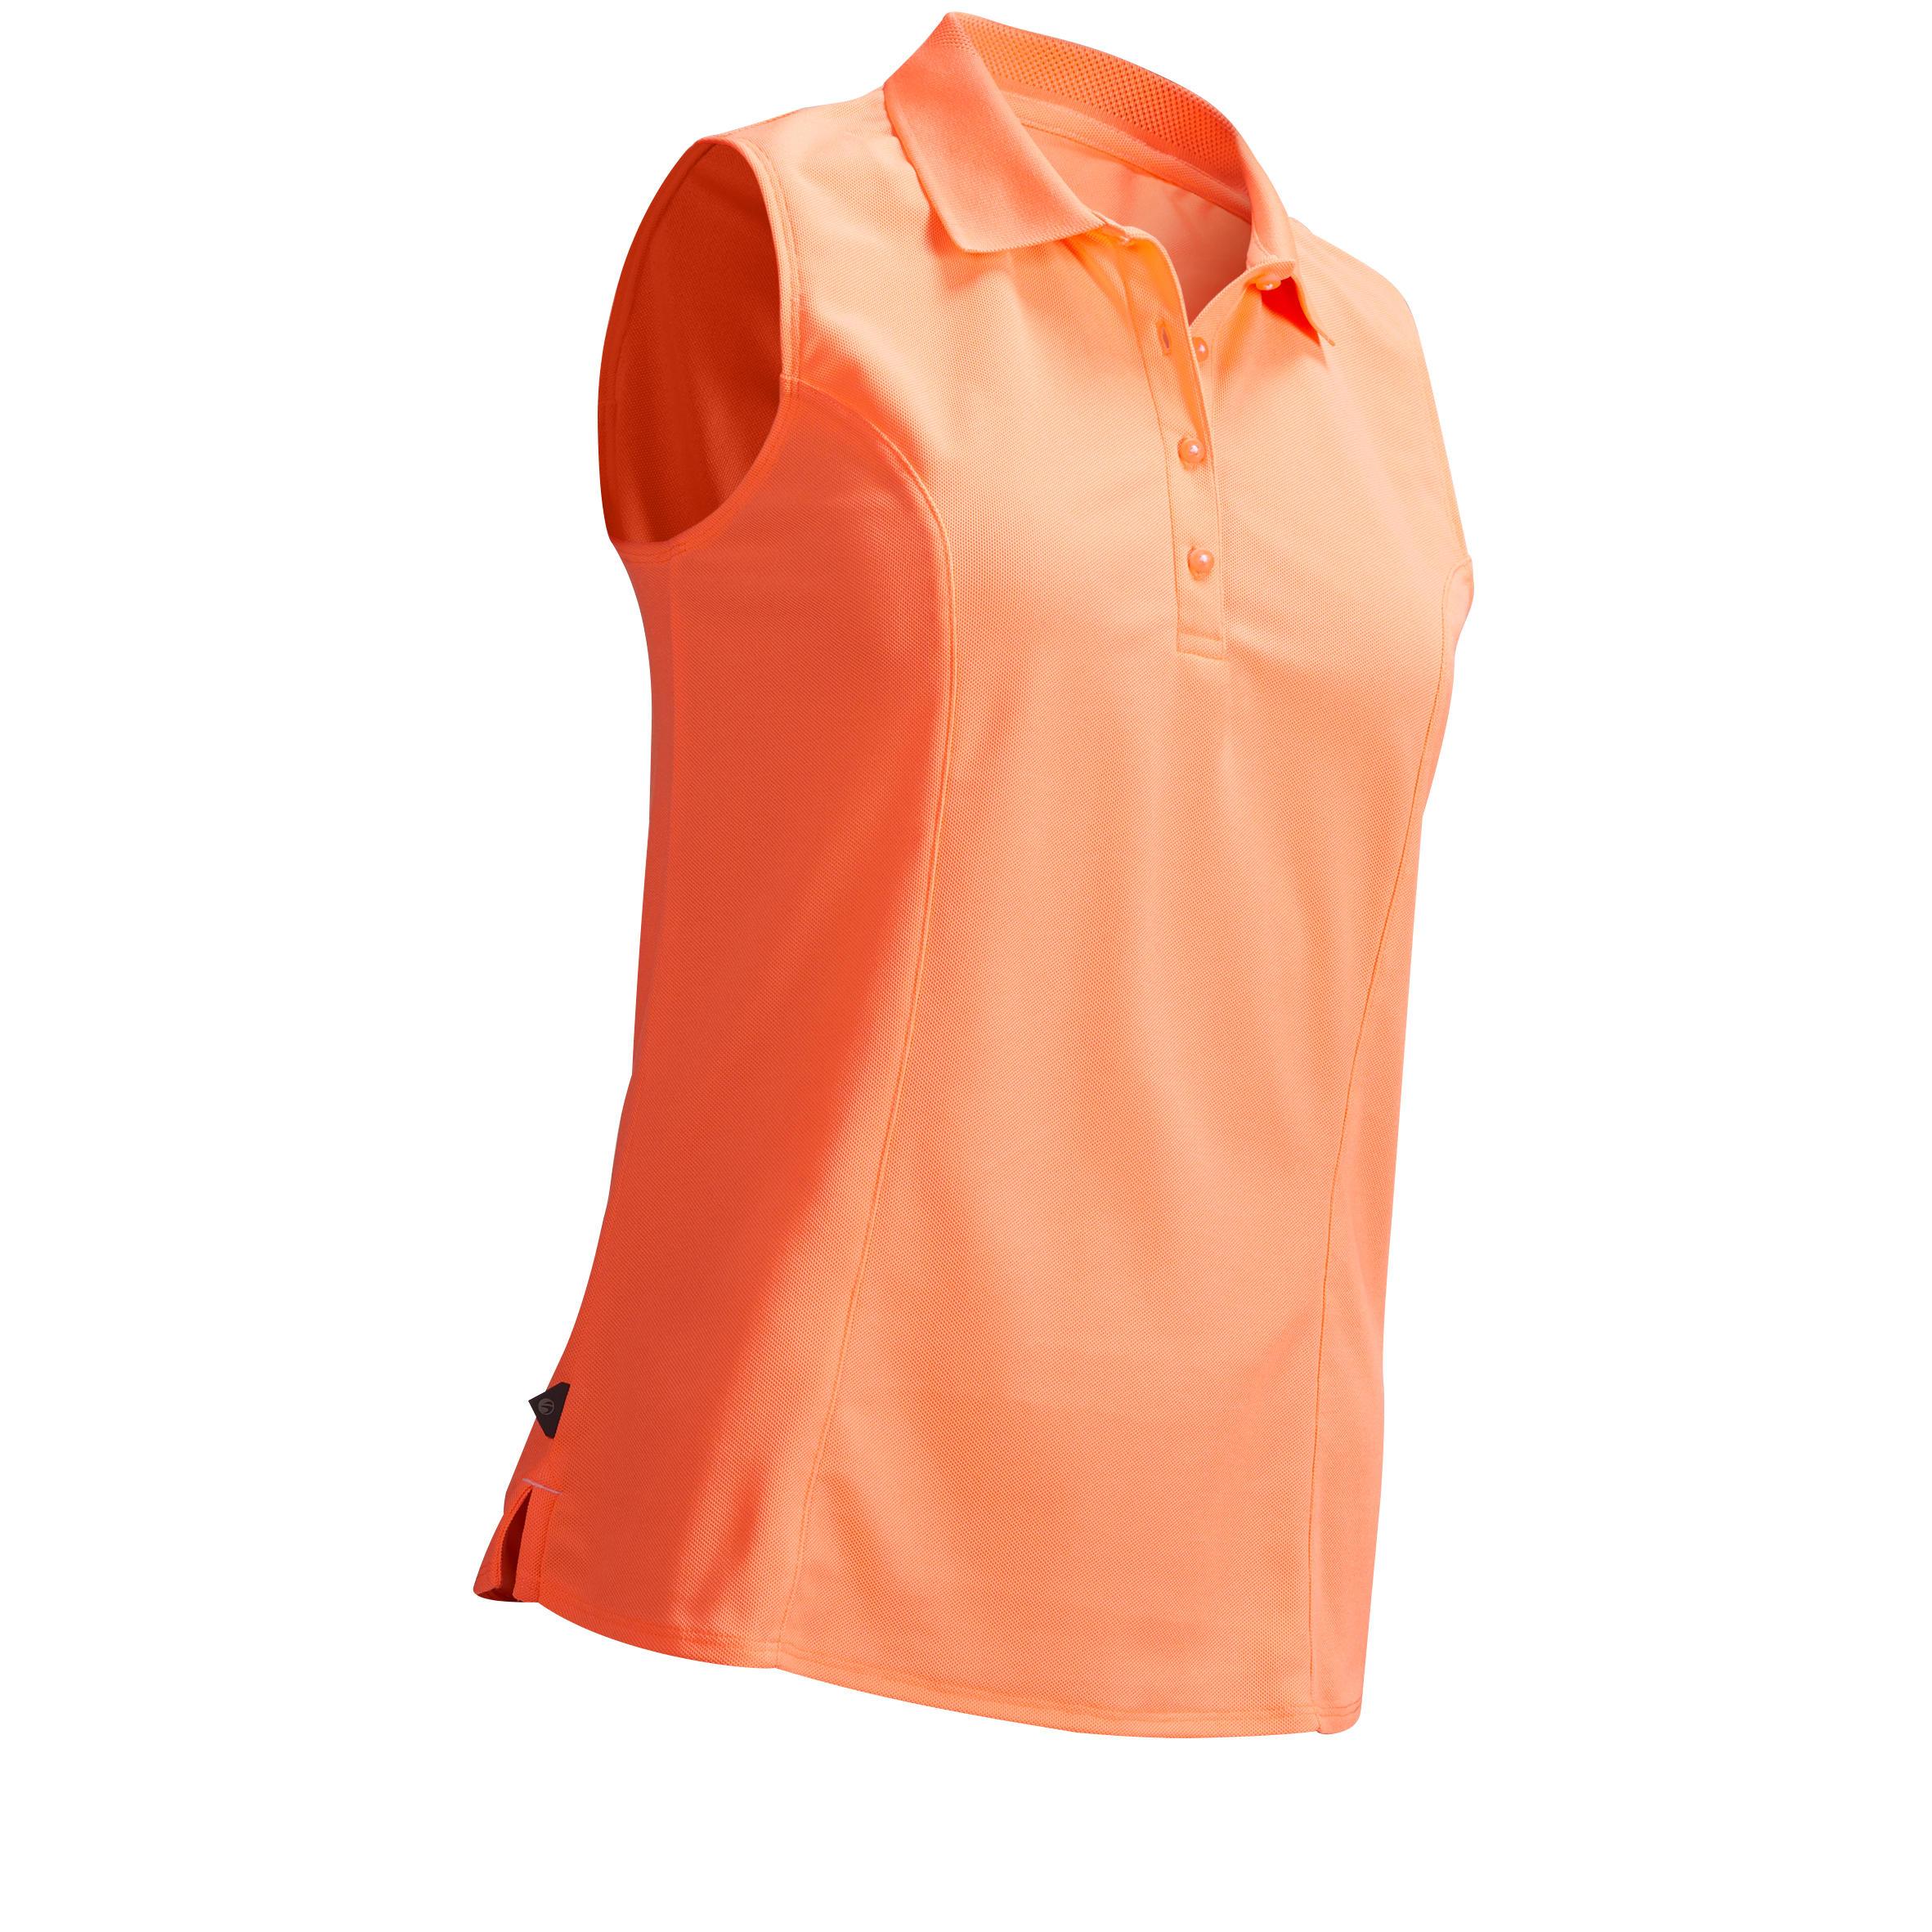 Inesis Golfpolo voor dames warm weer koraalrood kopen? Leest dit eerst: Golfkleding Golfpolo's met korting